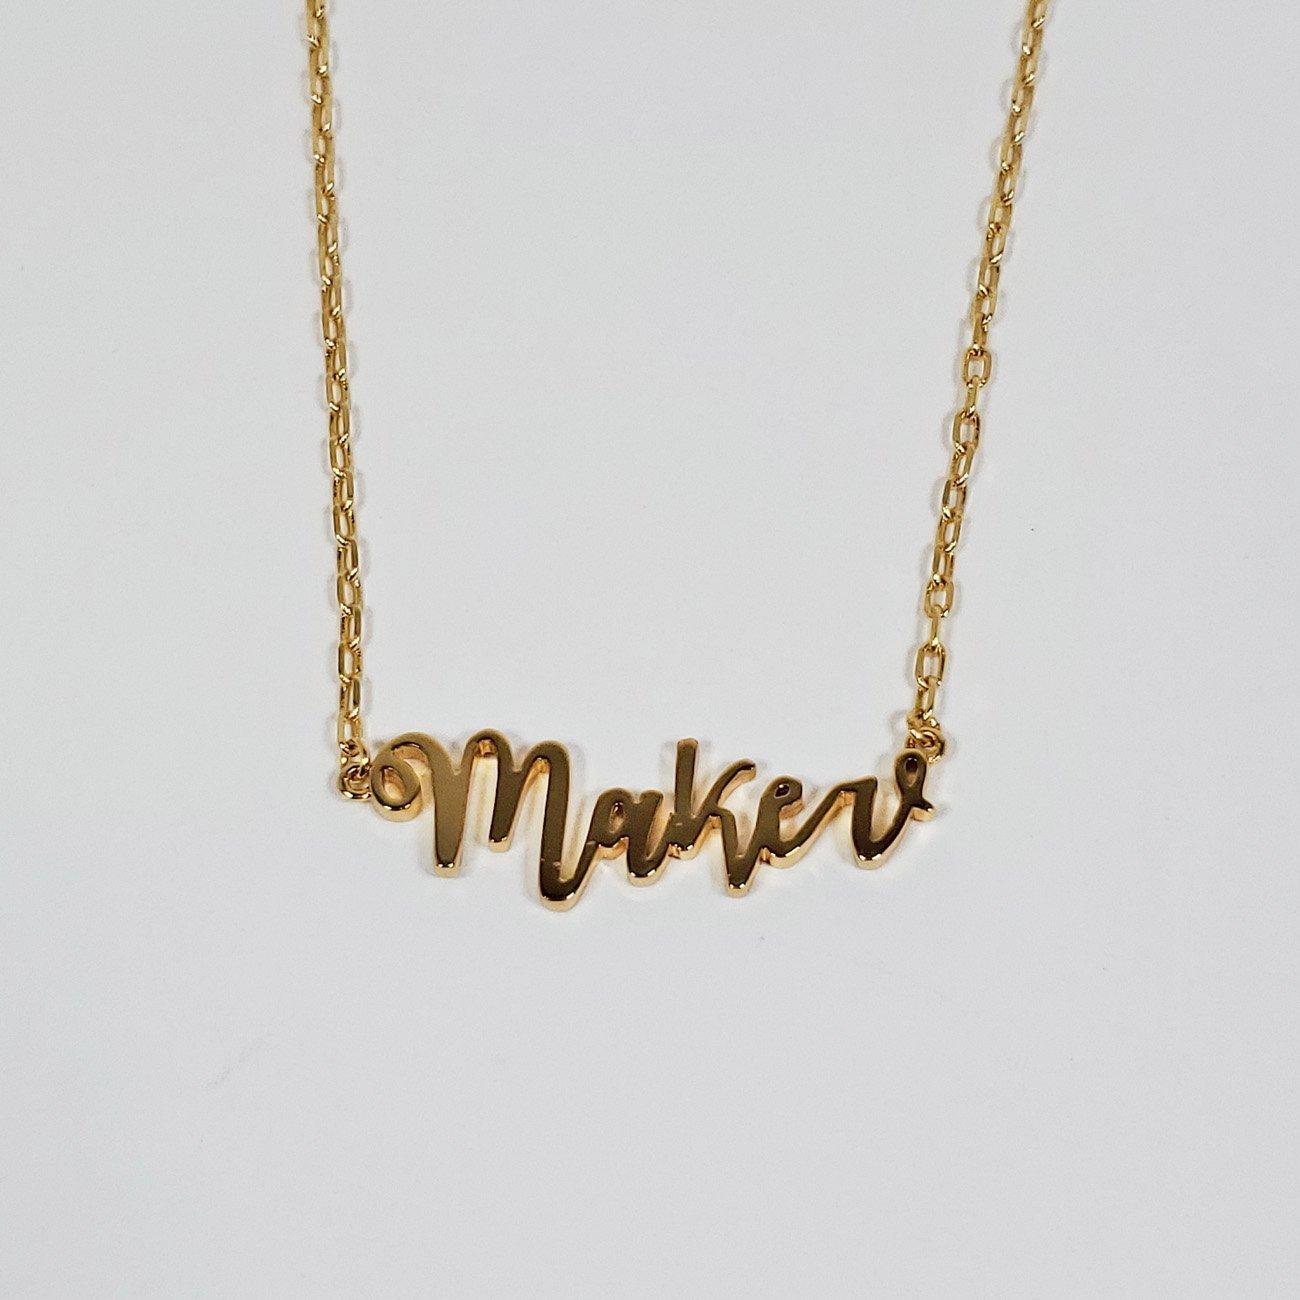 Maker - Necklace - Gold